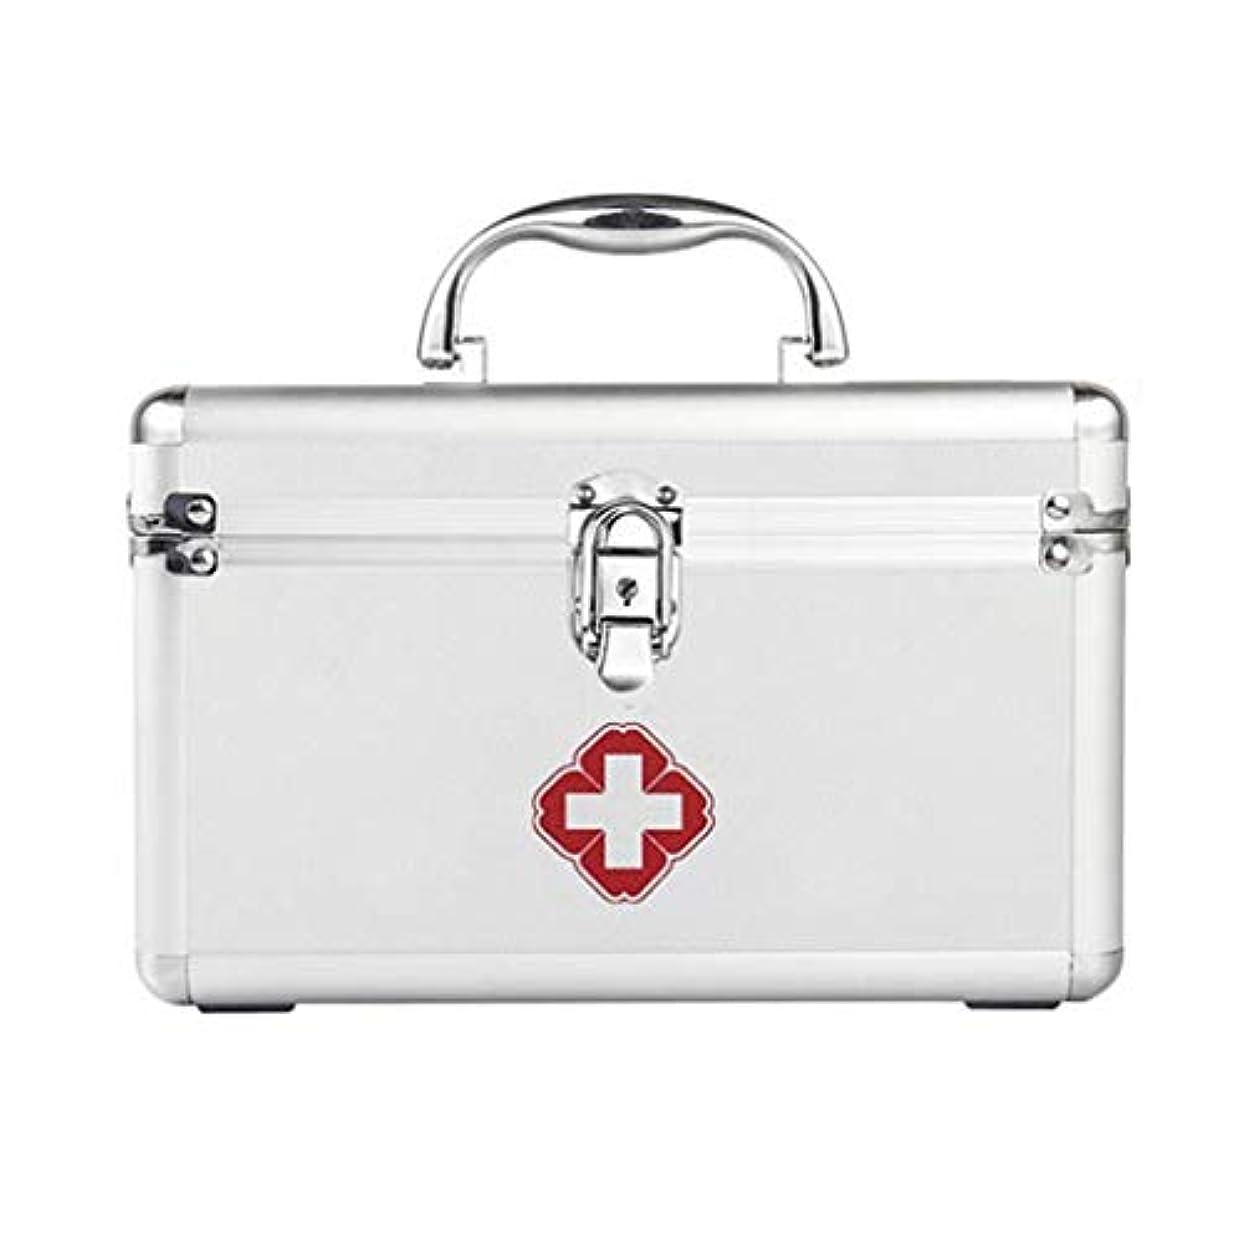 レガシー肌モスYANGBM 薬箱、家族の薬箱は、救急箱の貯蔵の携帯用アルミ合金の薬箱であるべきです (Size : 24.5cm×15cm×16cm)